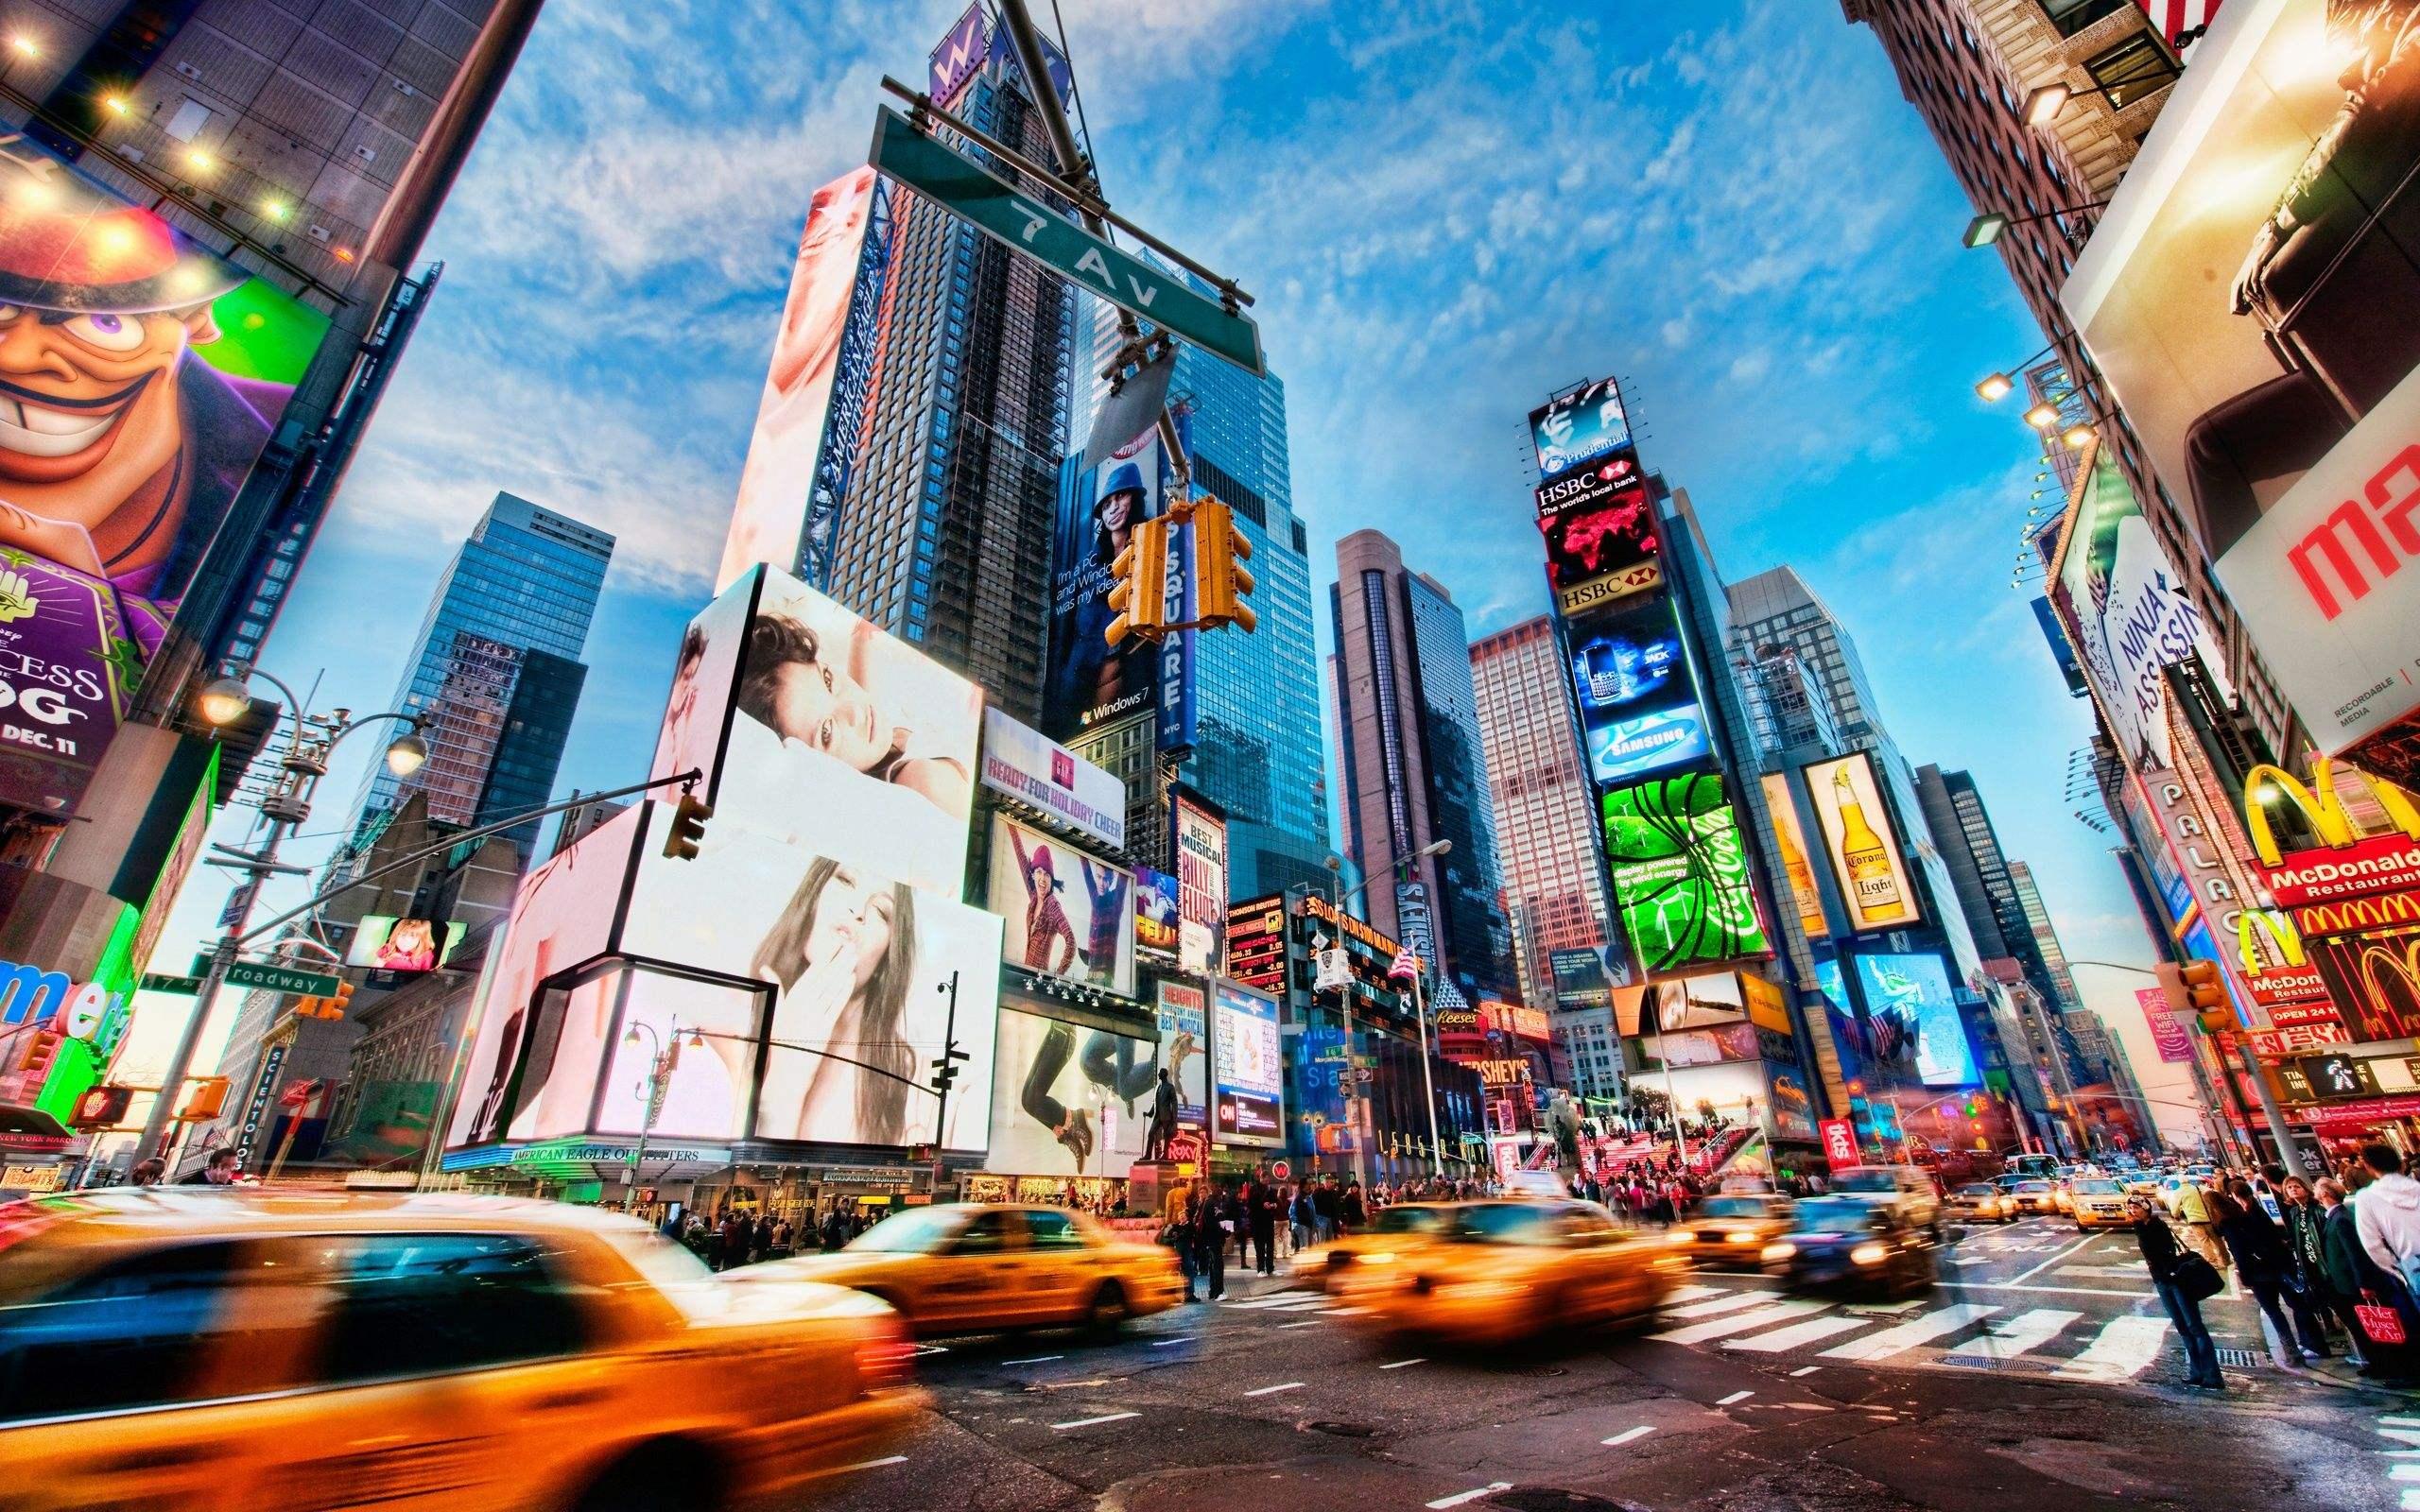 纽约租房,纽约公寓户型大全及各区域均价详解 -异乡好居